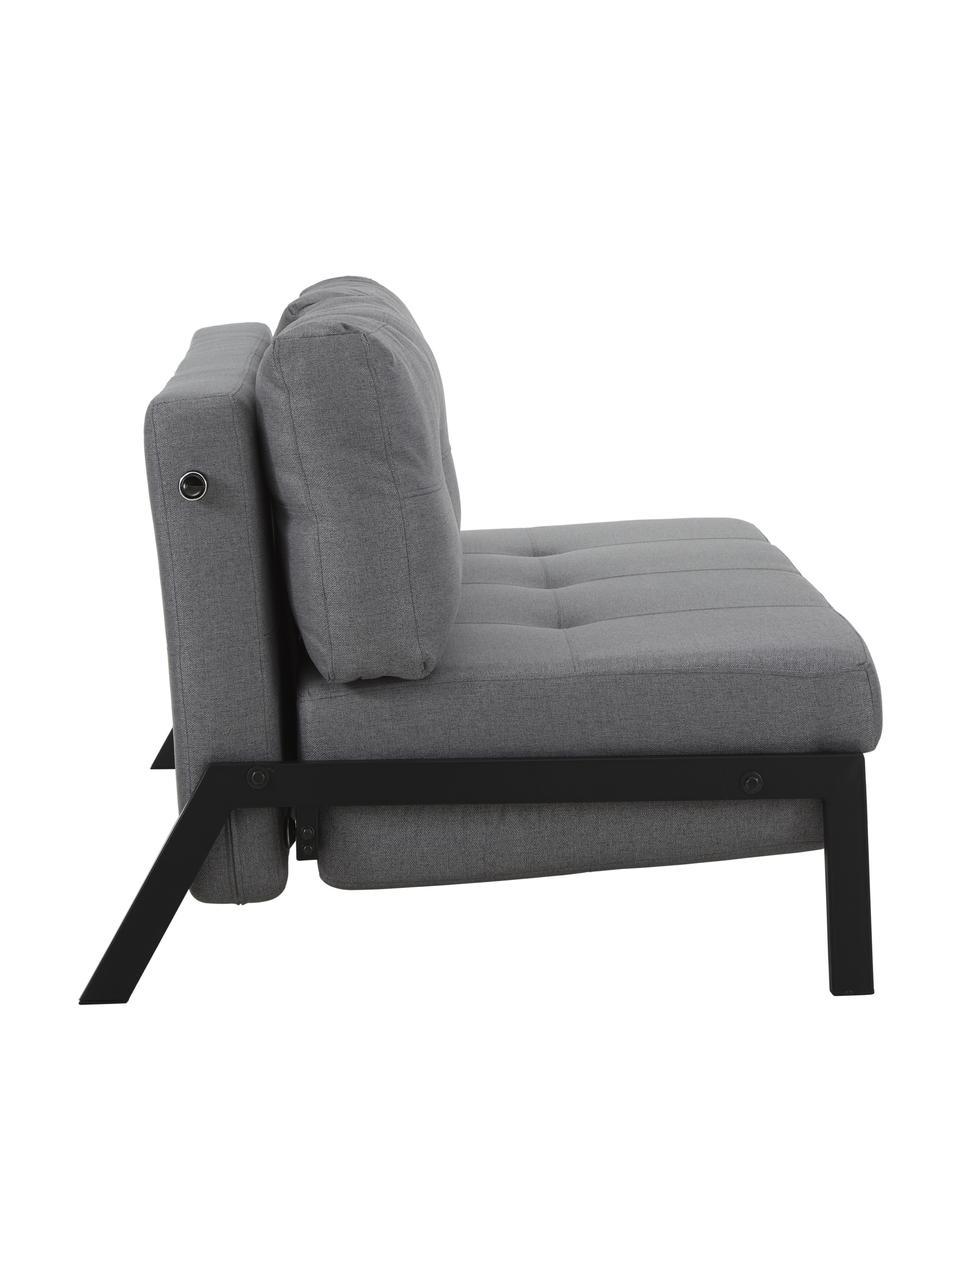 Sofa rozkładana z metalowymi nogami Edward, Tapicerka: 100% poliester 40000 cyk, Ciemny szary, S 152 x G 96 cm